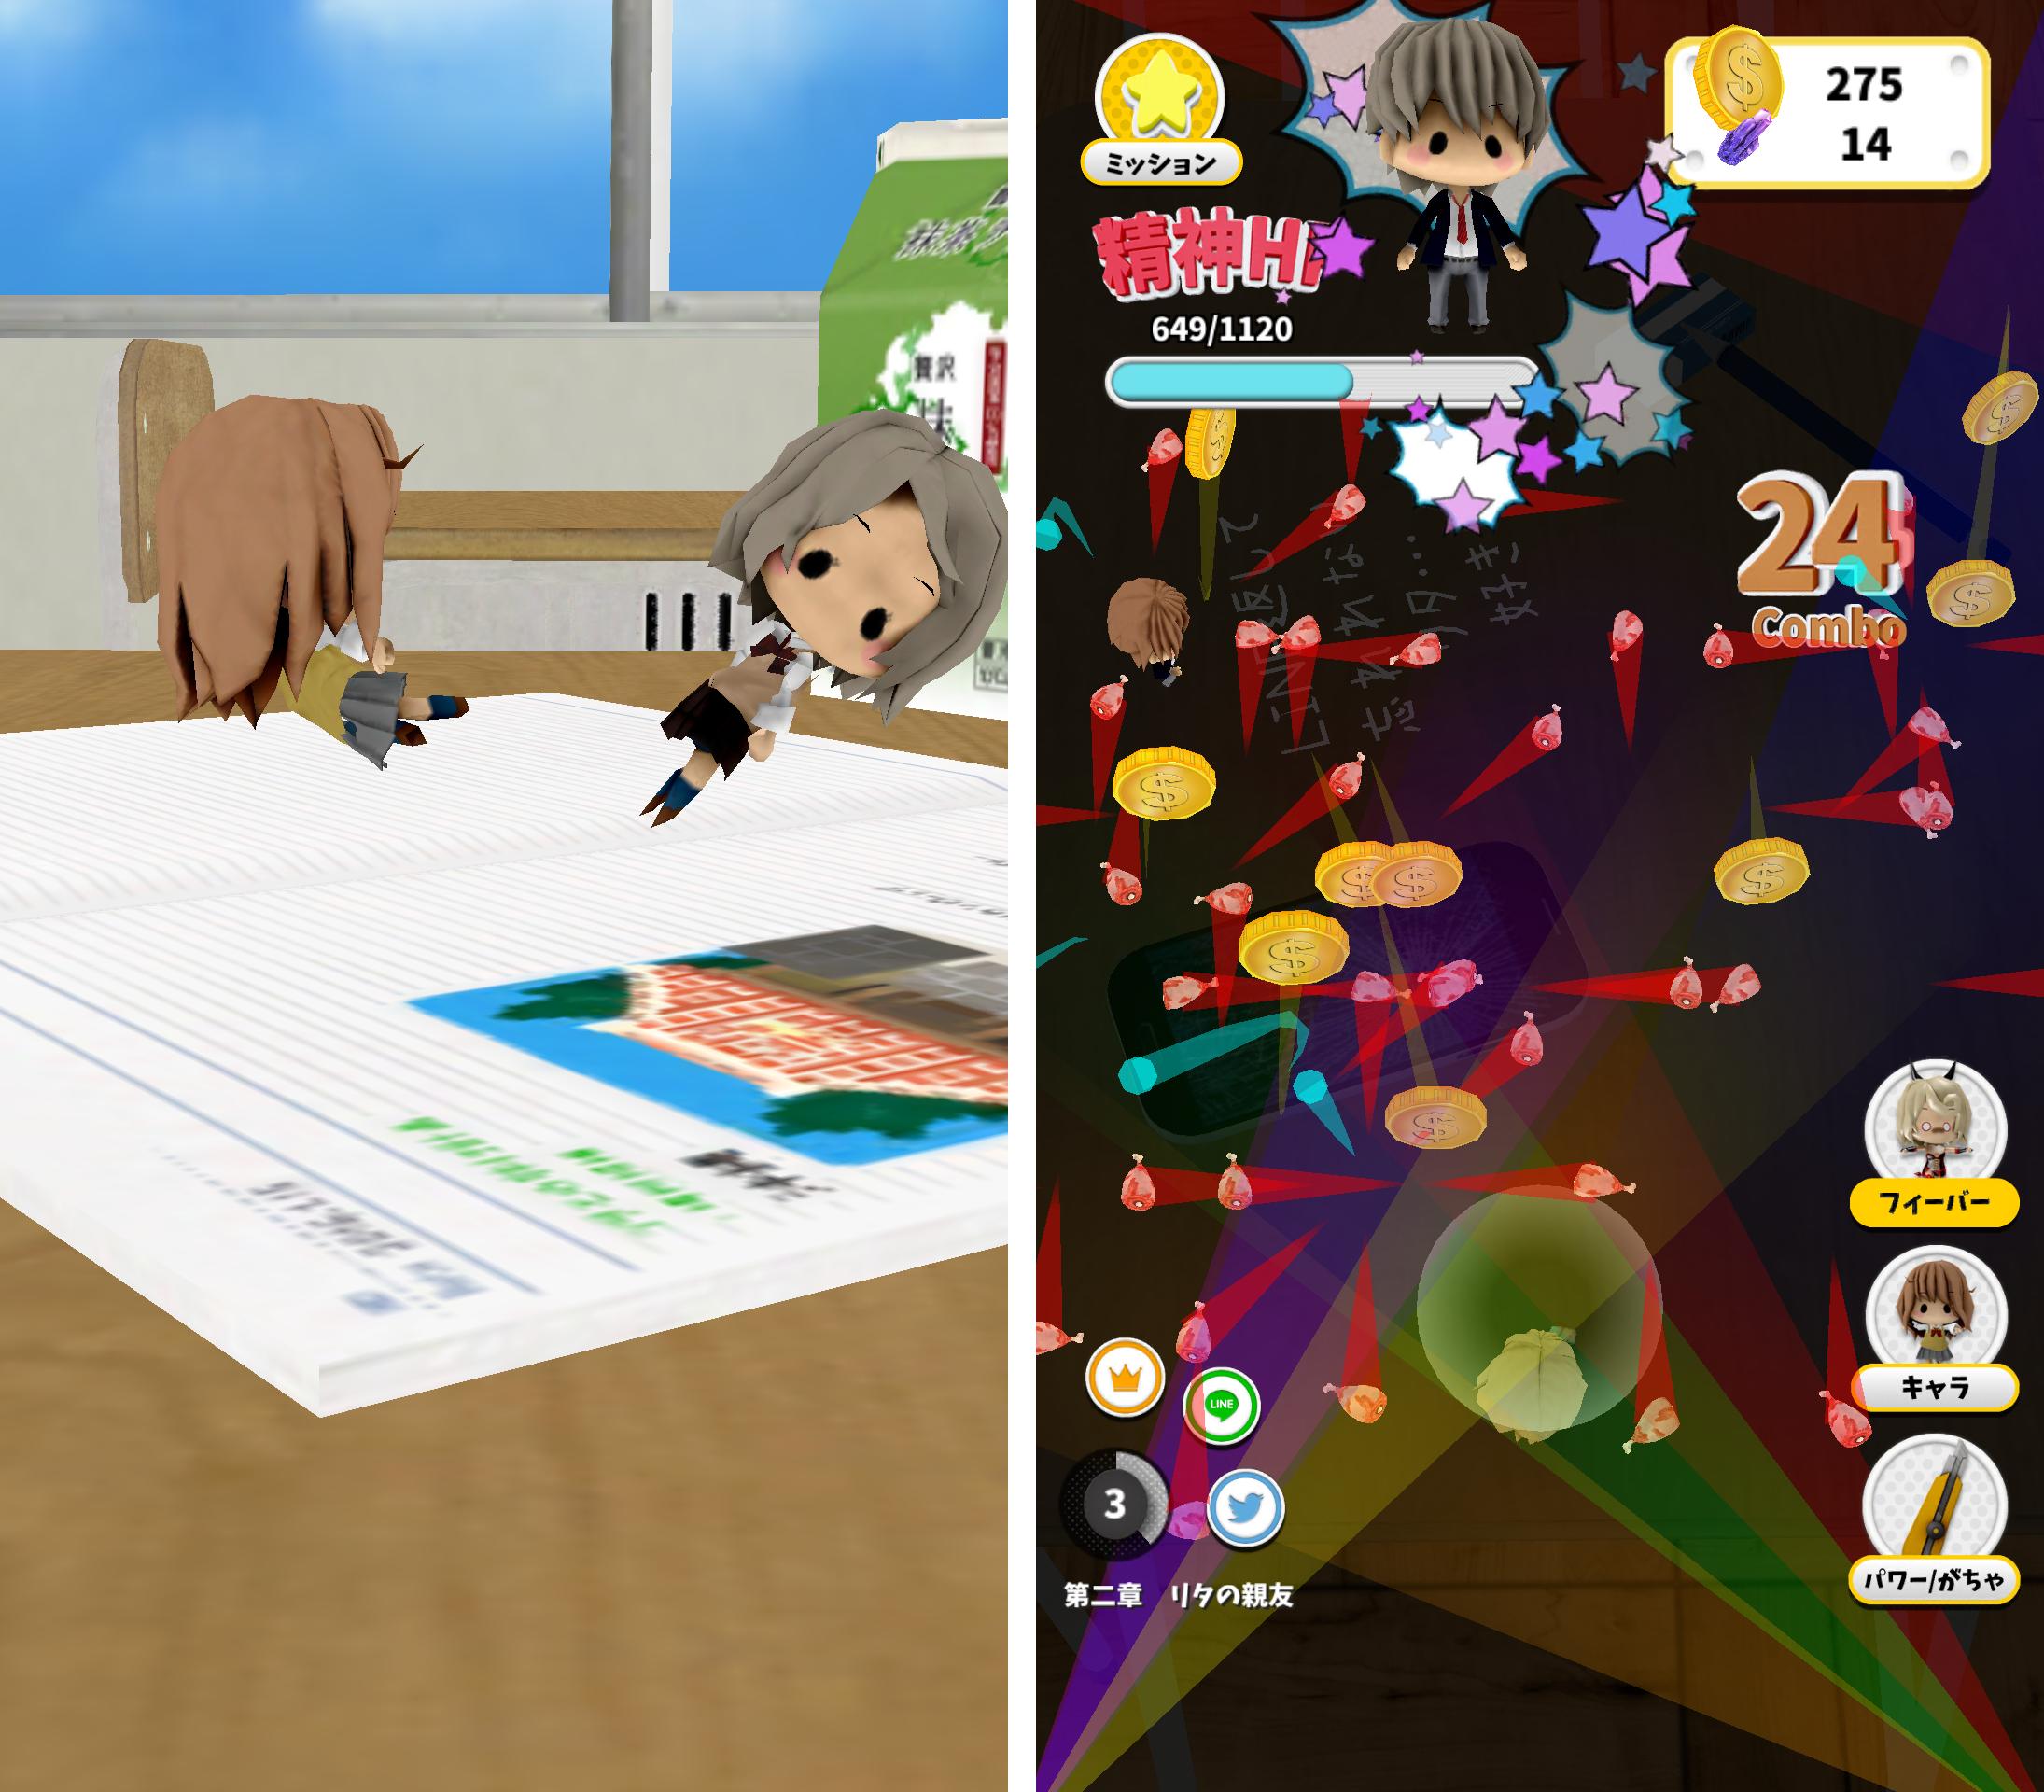 なほちゃん【あなたを死んでも許さない】 androidアプリスクリーンショット2